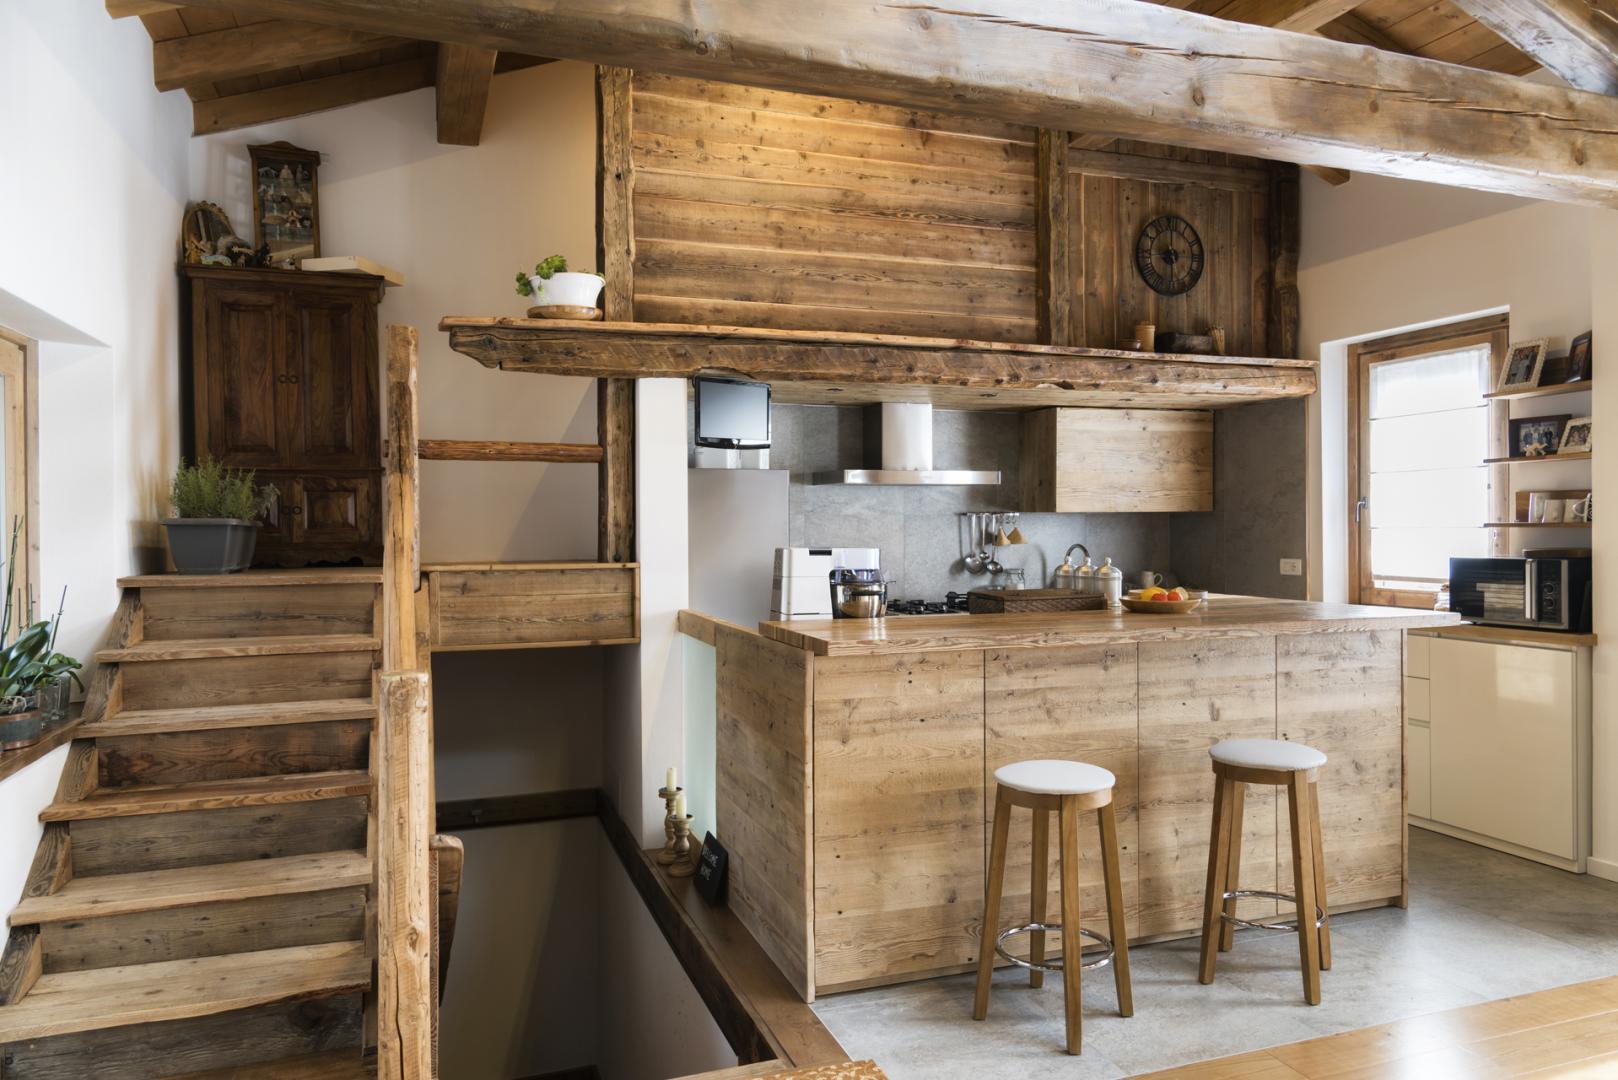 cuisines sur mesure avec la menuiserie en bois